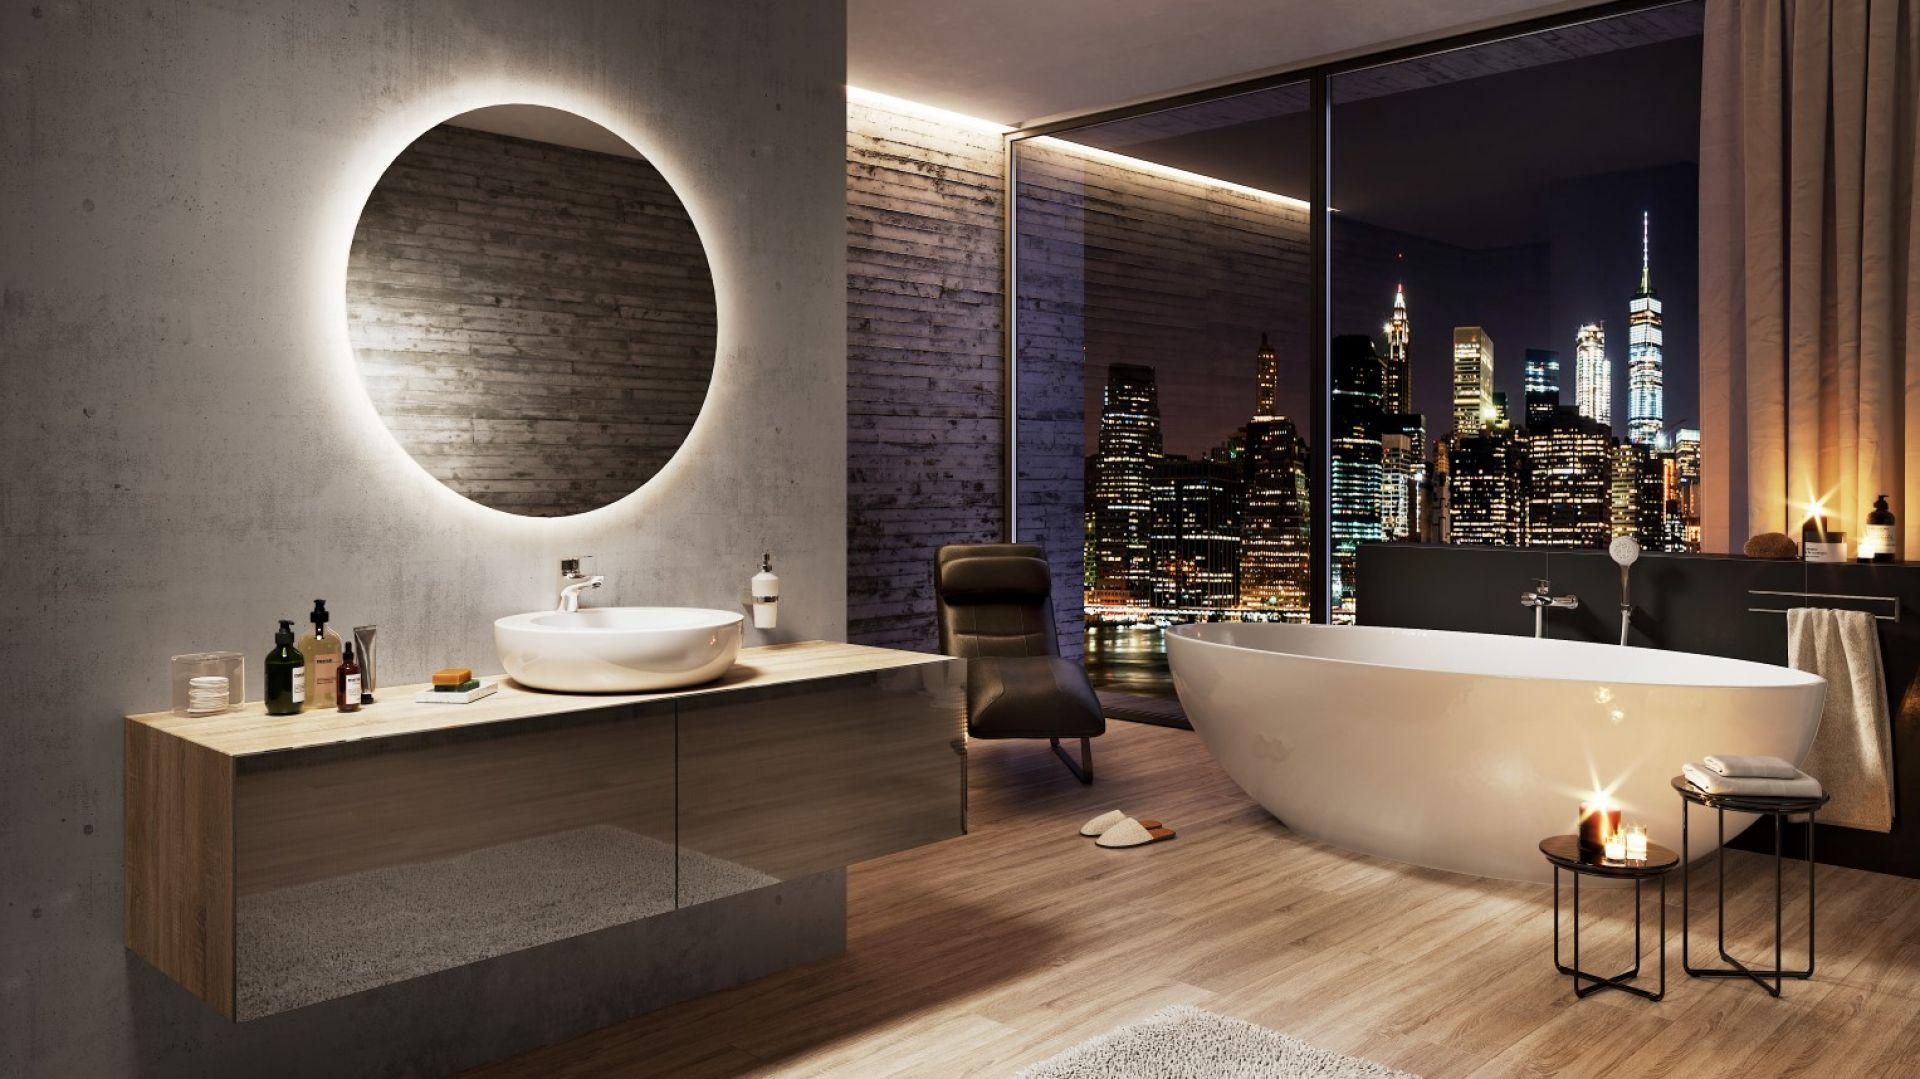 Strefa umywalki urządzona w eleganckim klimacie. Na zdj. bateria umywalkowa stojąca Dijon. Fot. Ferro